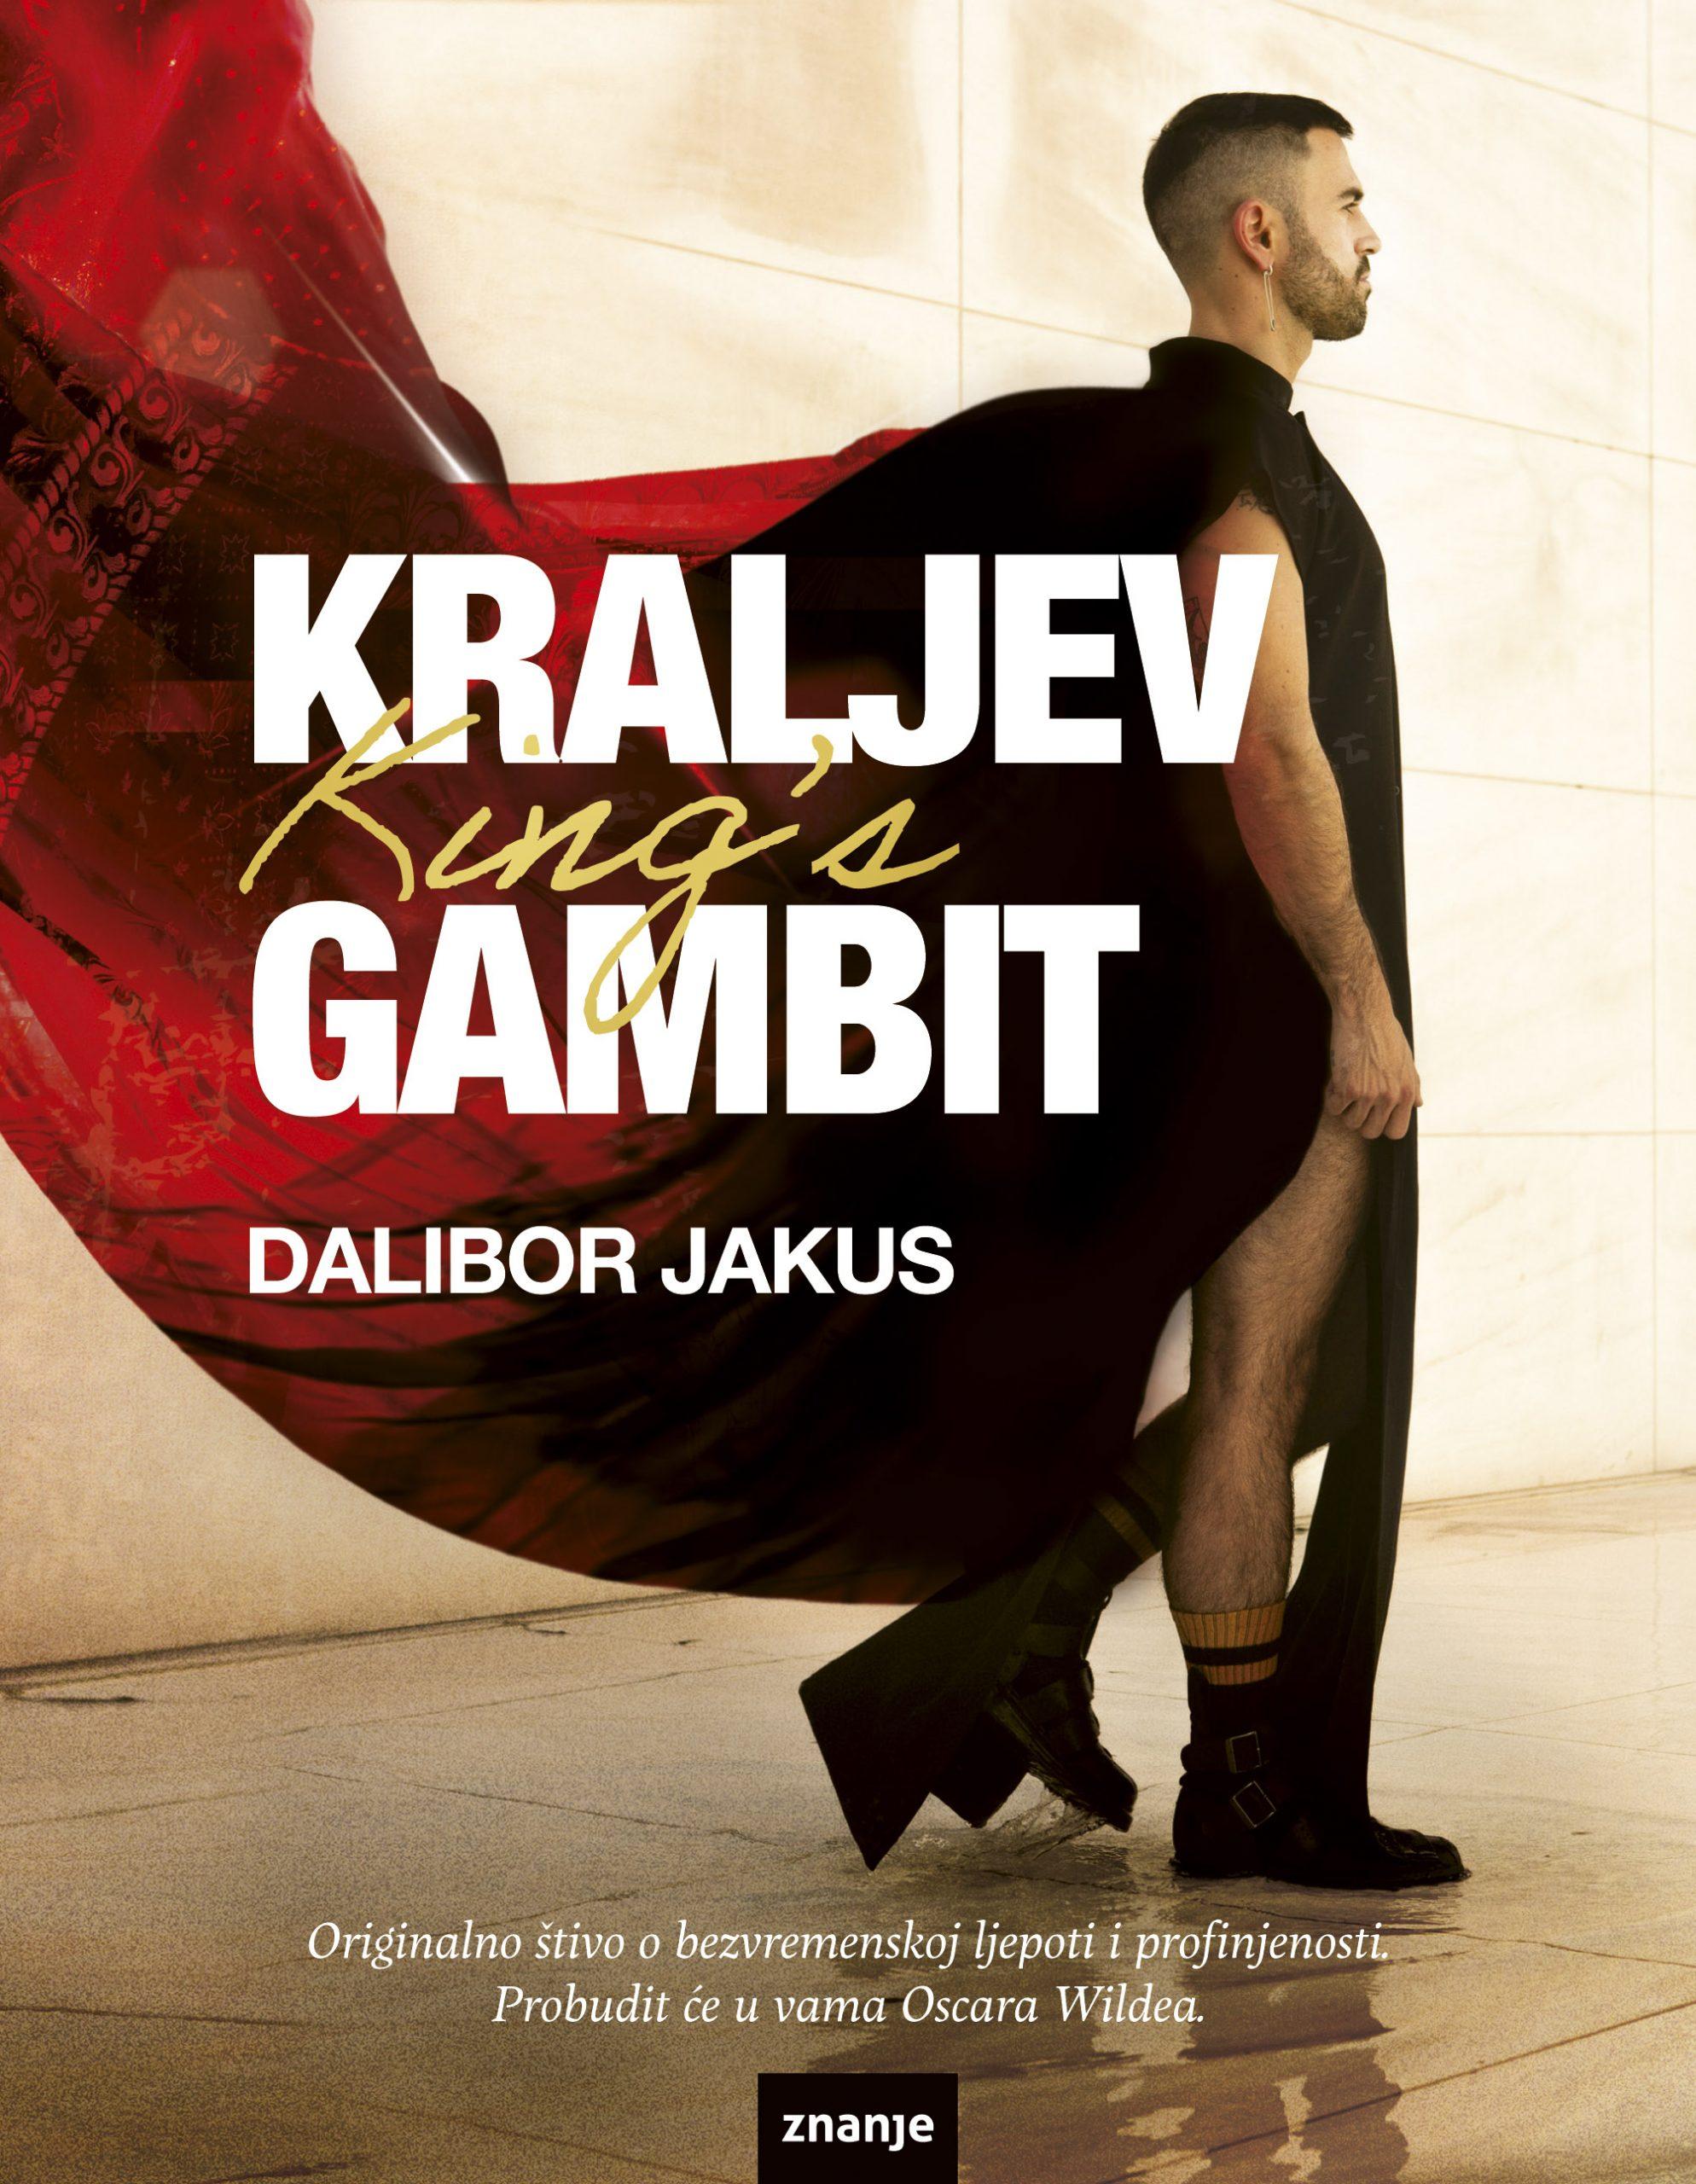 """Poznati komunikacijski stručnjak izdao je knjigu """"Kraljev gambit"""""""